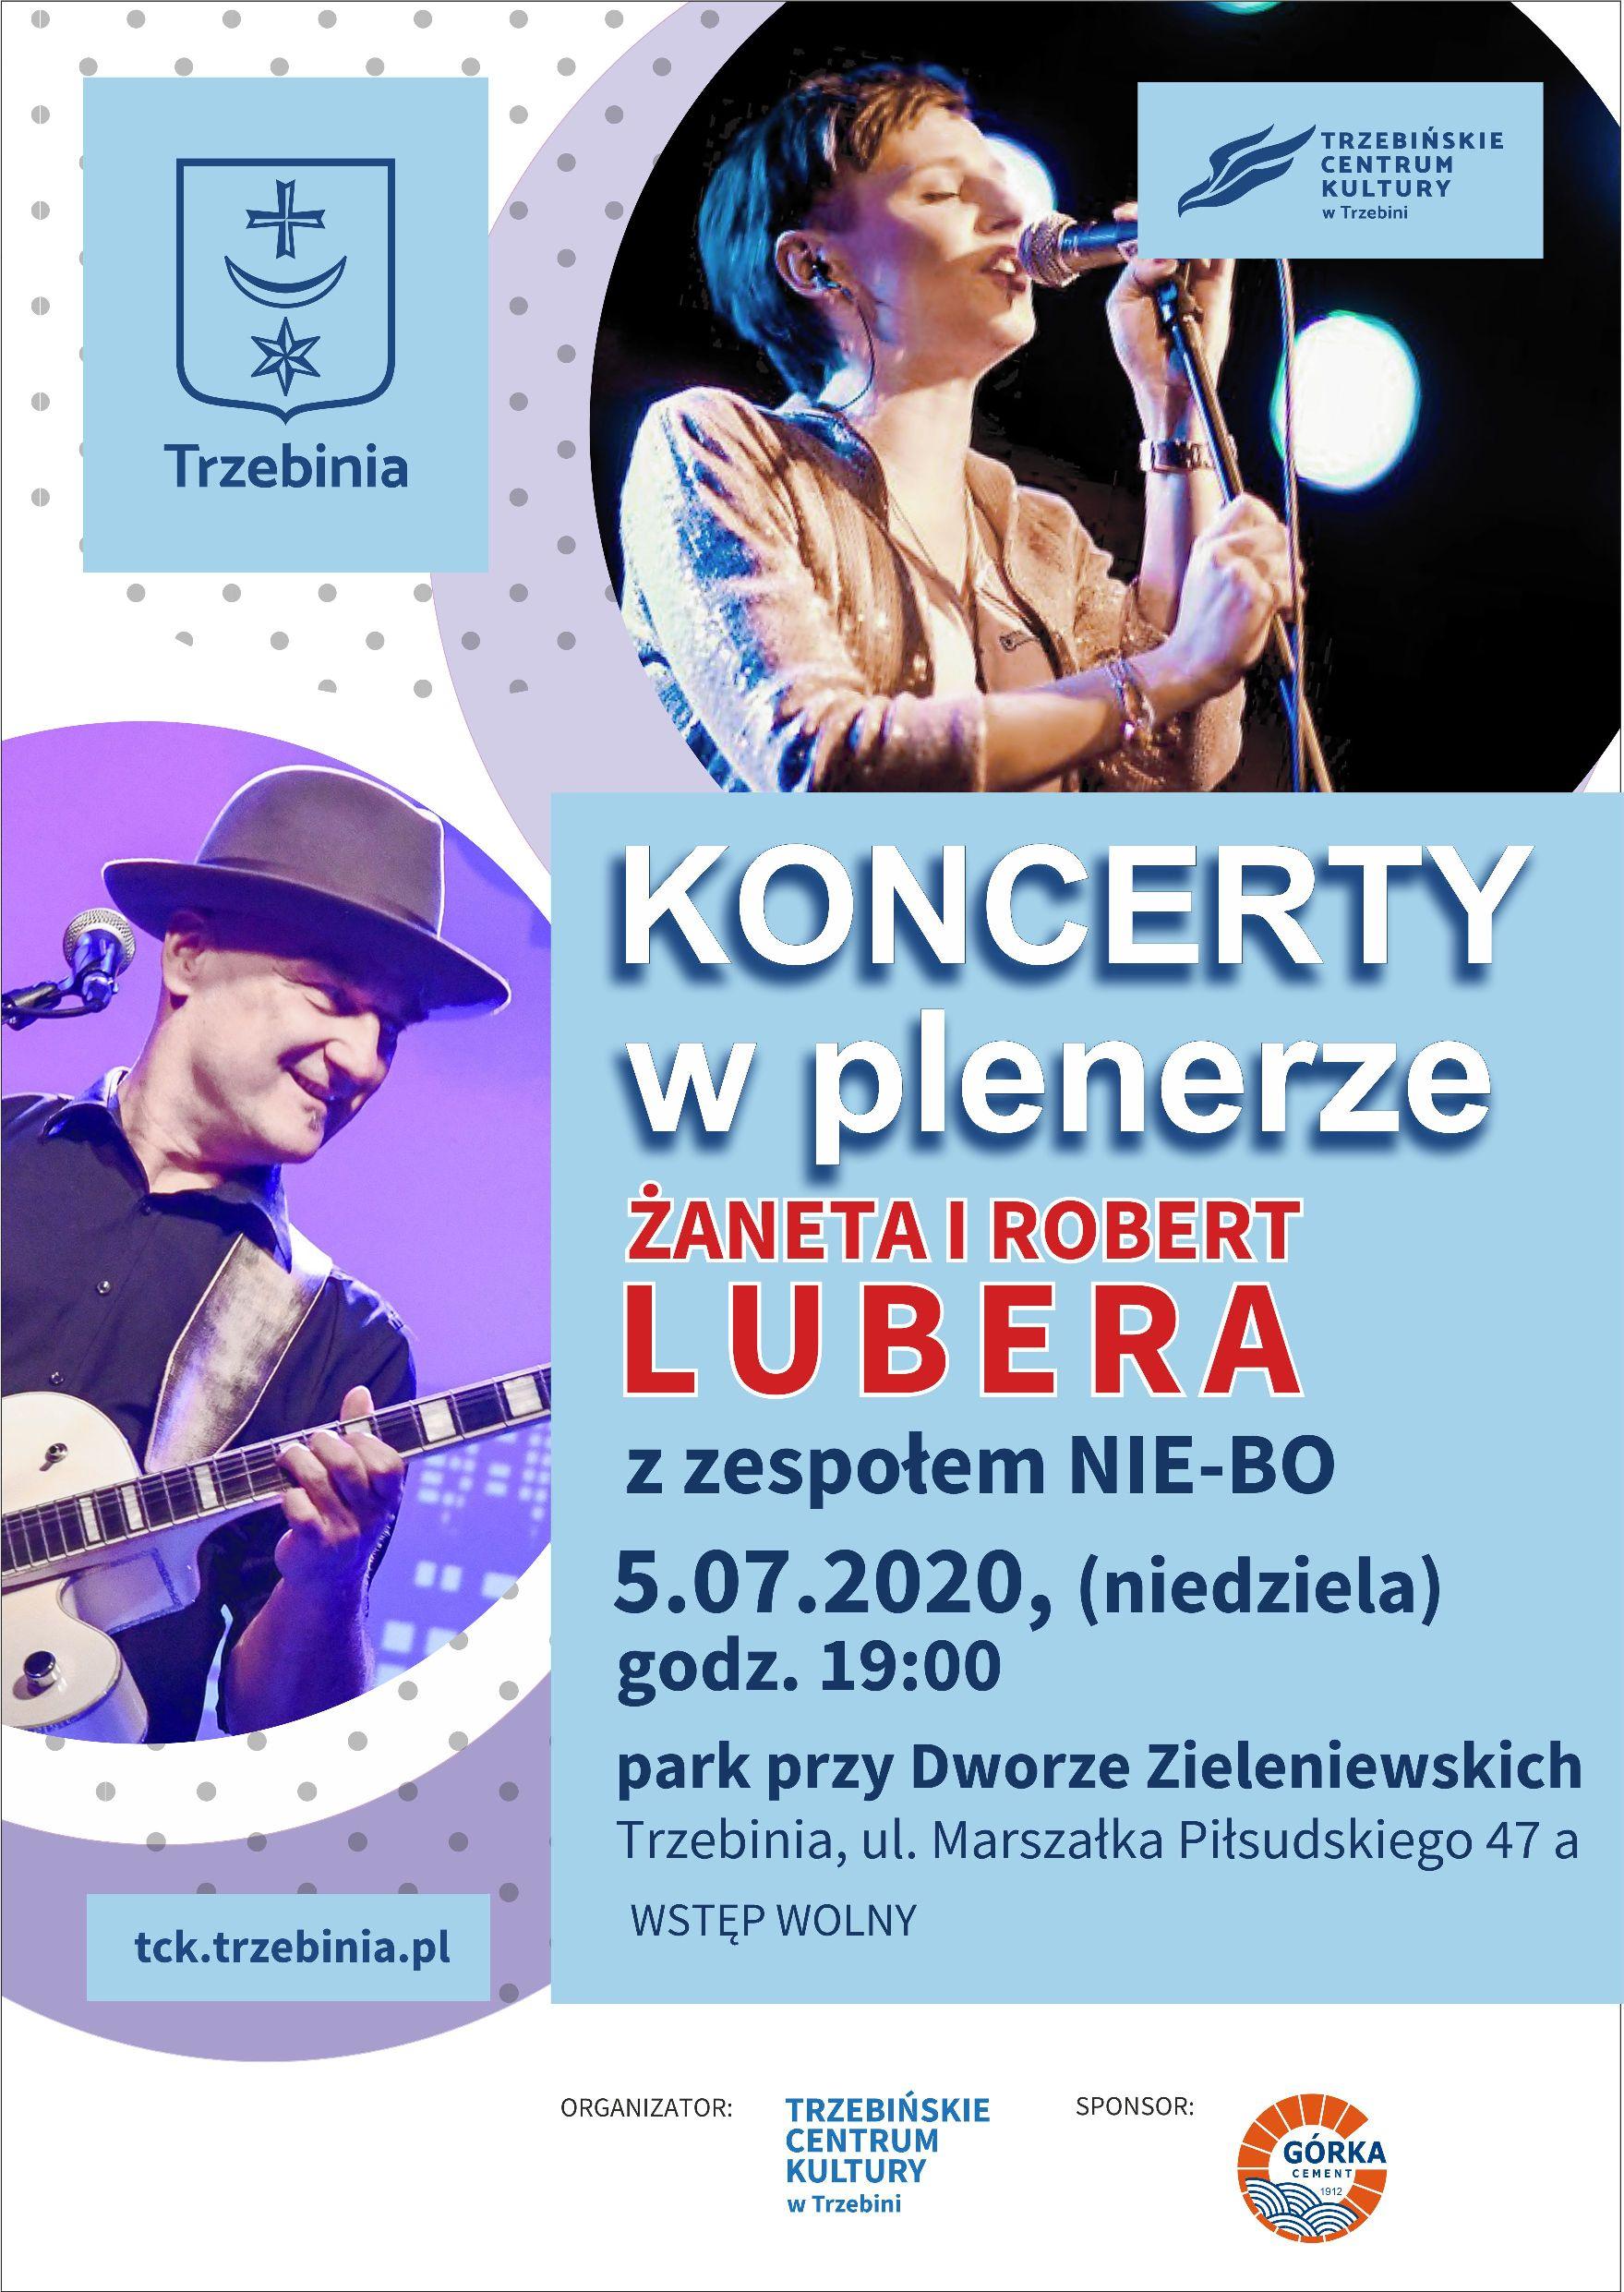 Koncerty w plenerze - Żaneta i Robert Lubera z zespołem Nie-Bo